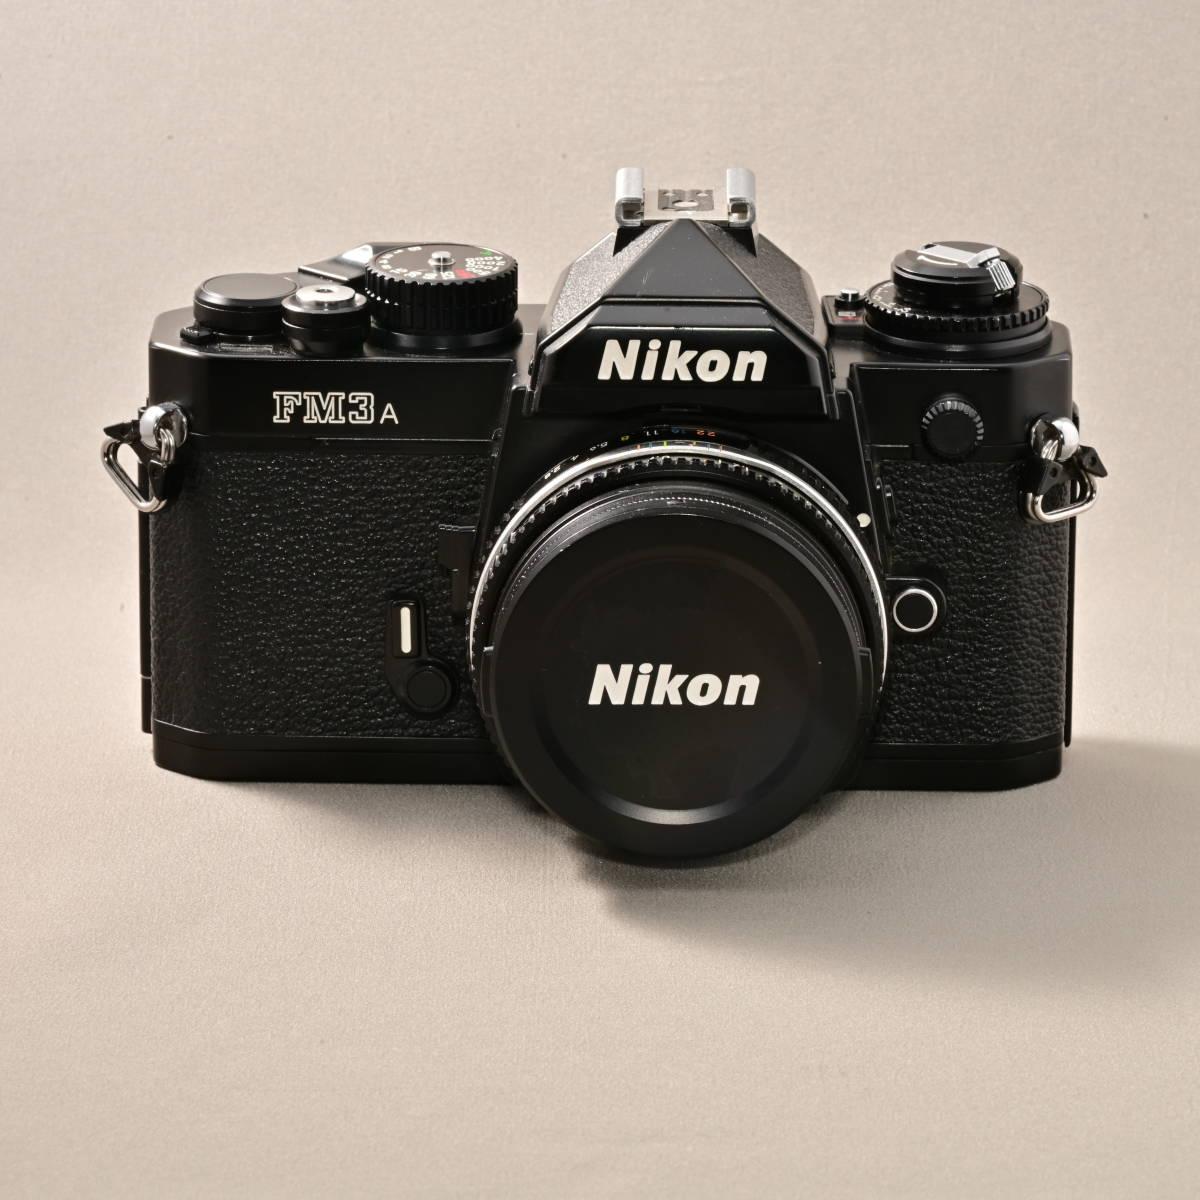 ニコン NIKON FM3A + NIKKOR 45mm F2.8P